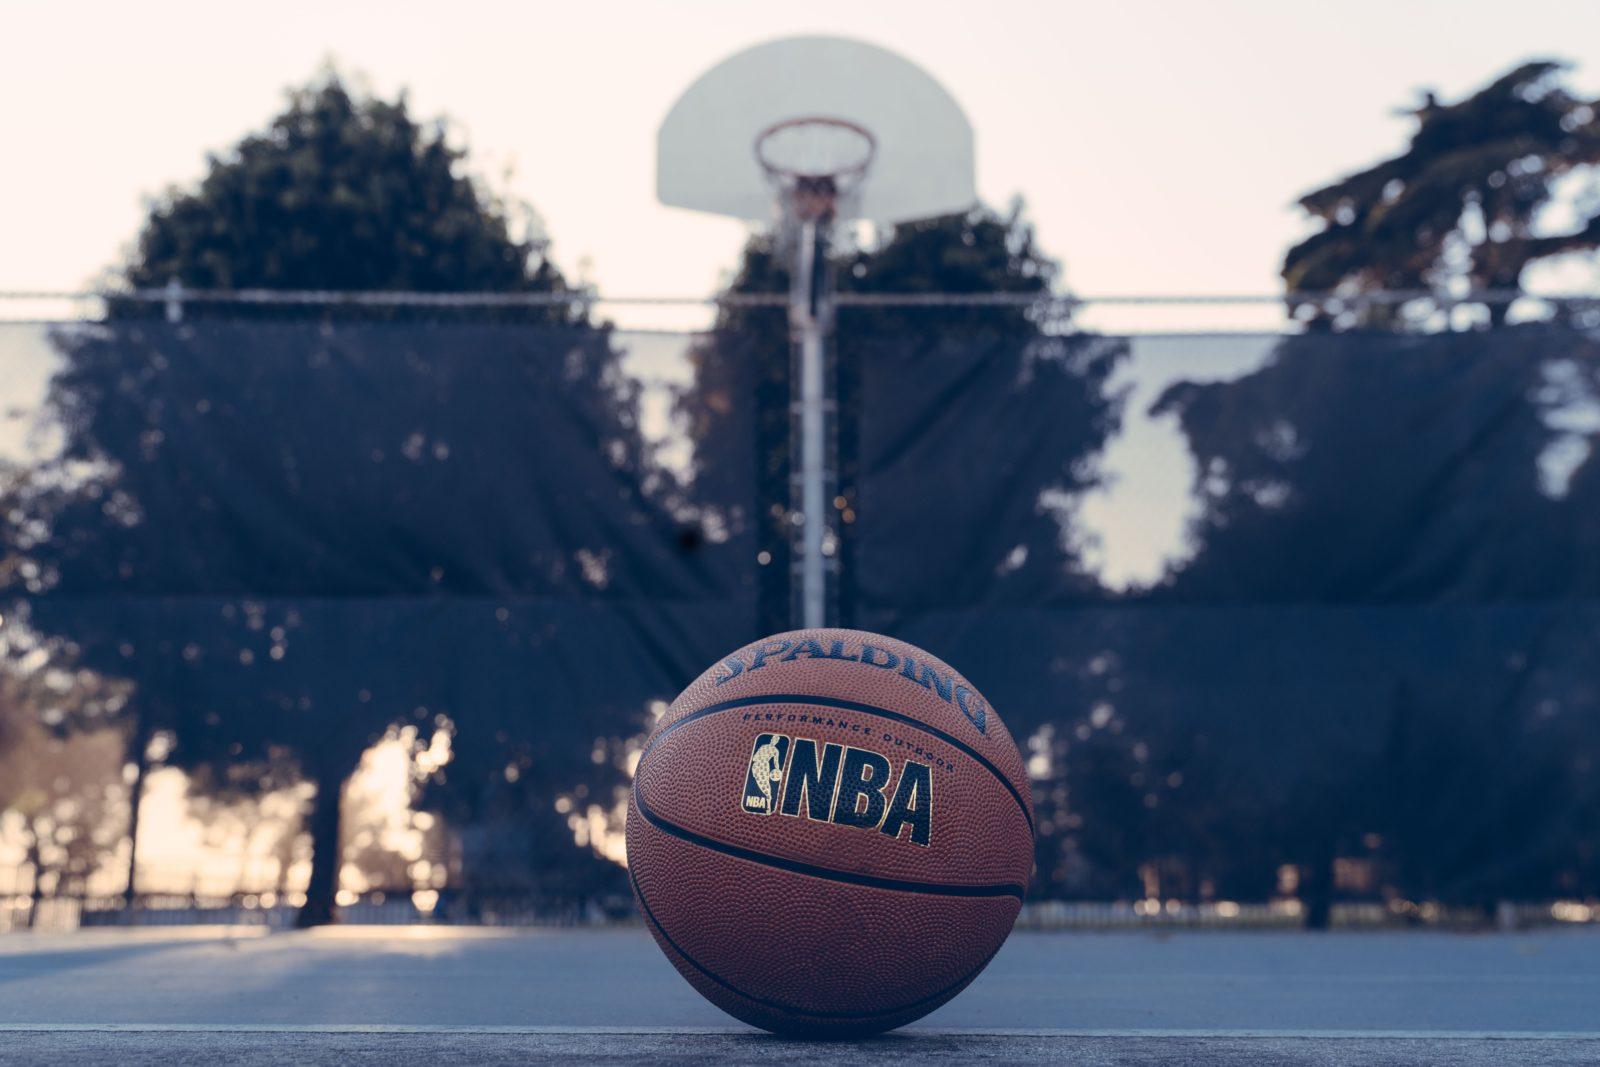 NBA Spalding ball